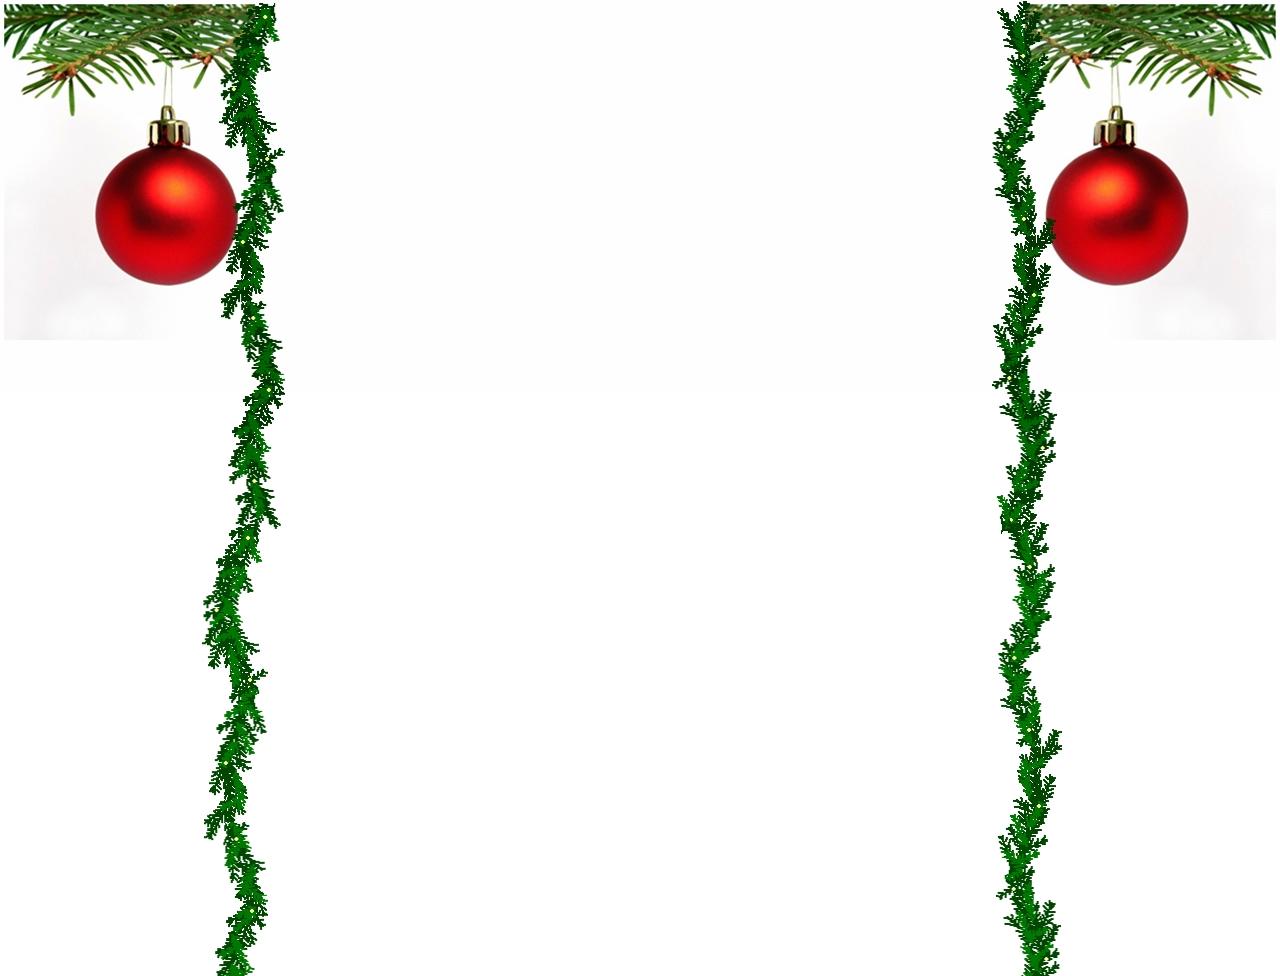 Clipart weihnachten girlande kostenlos 3 » Clipart Station.